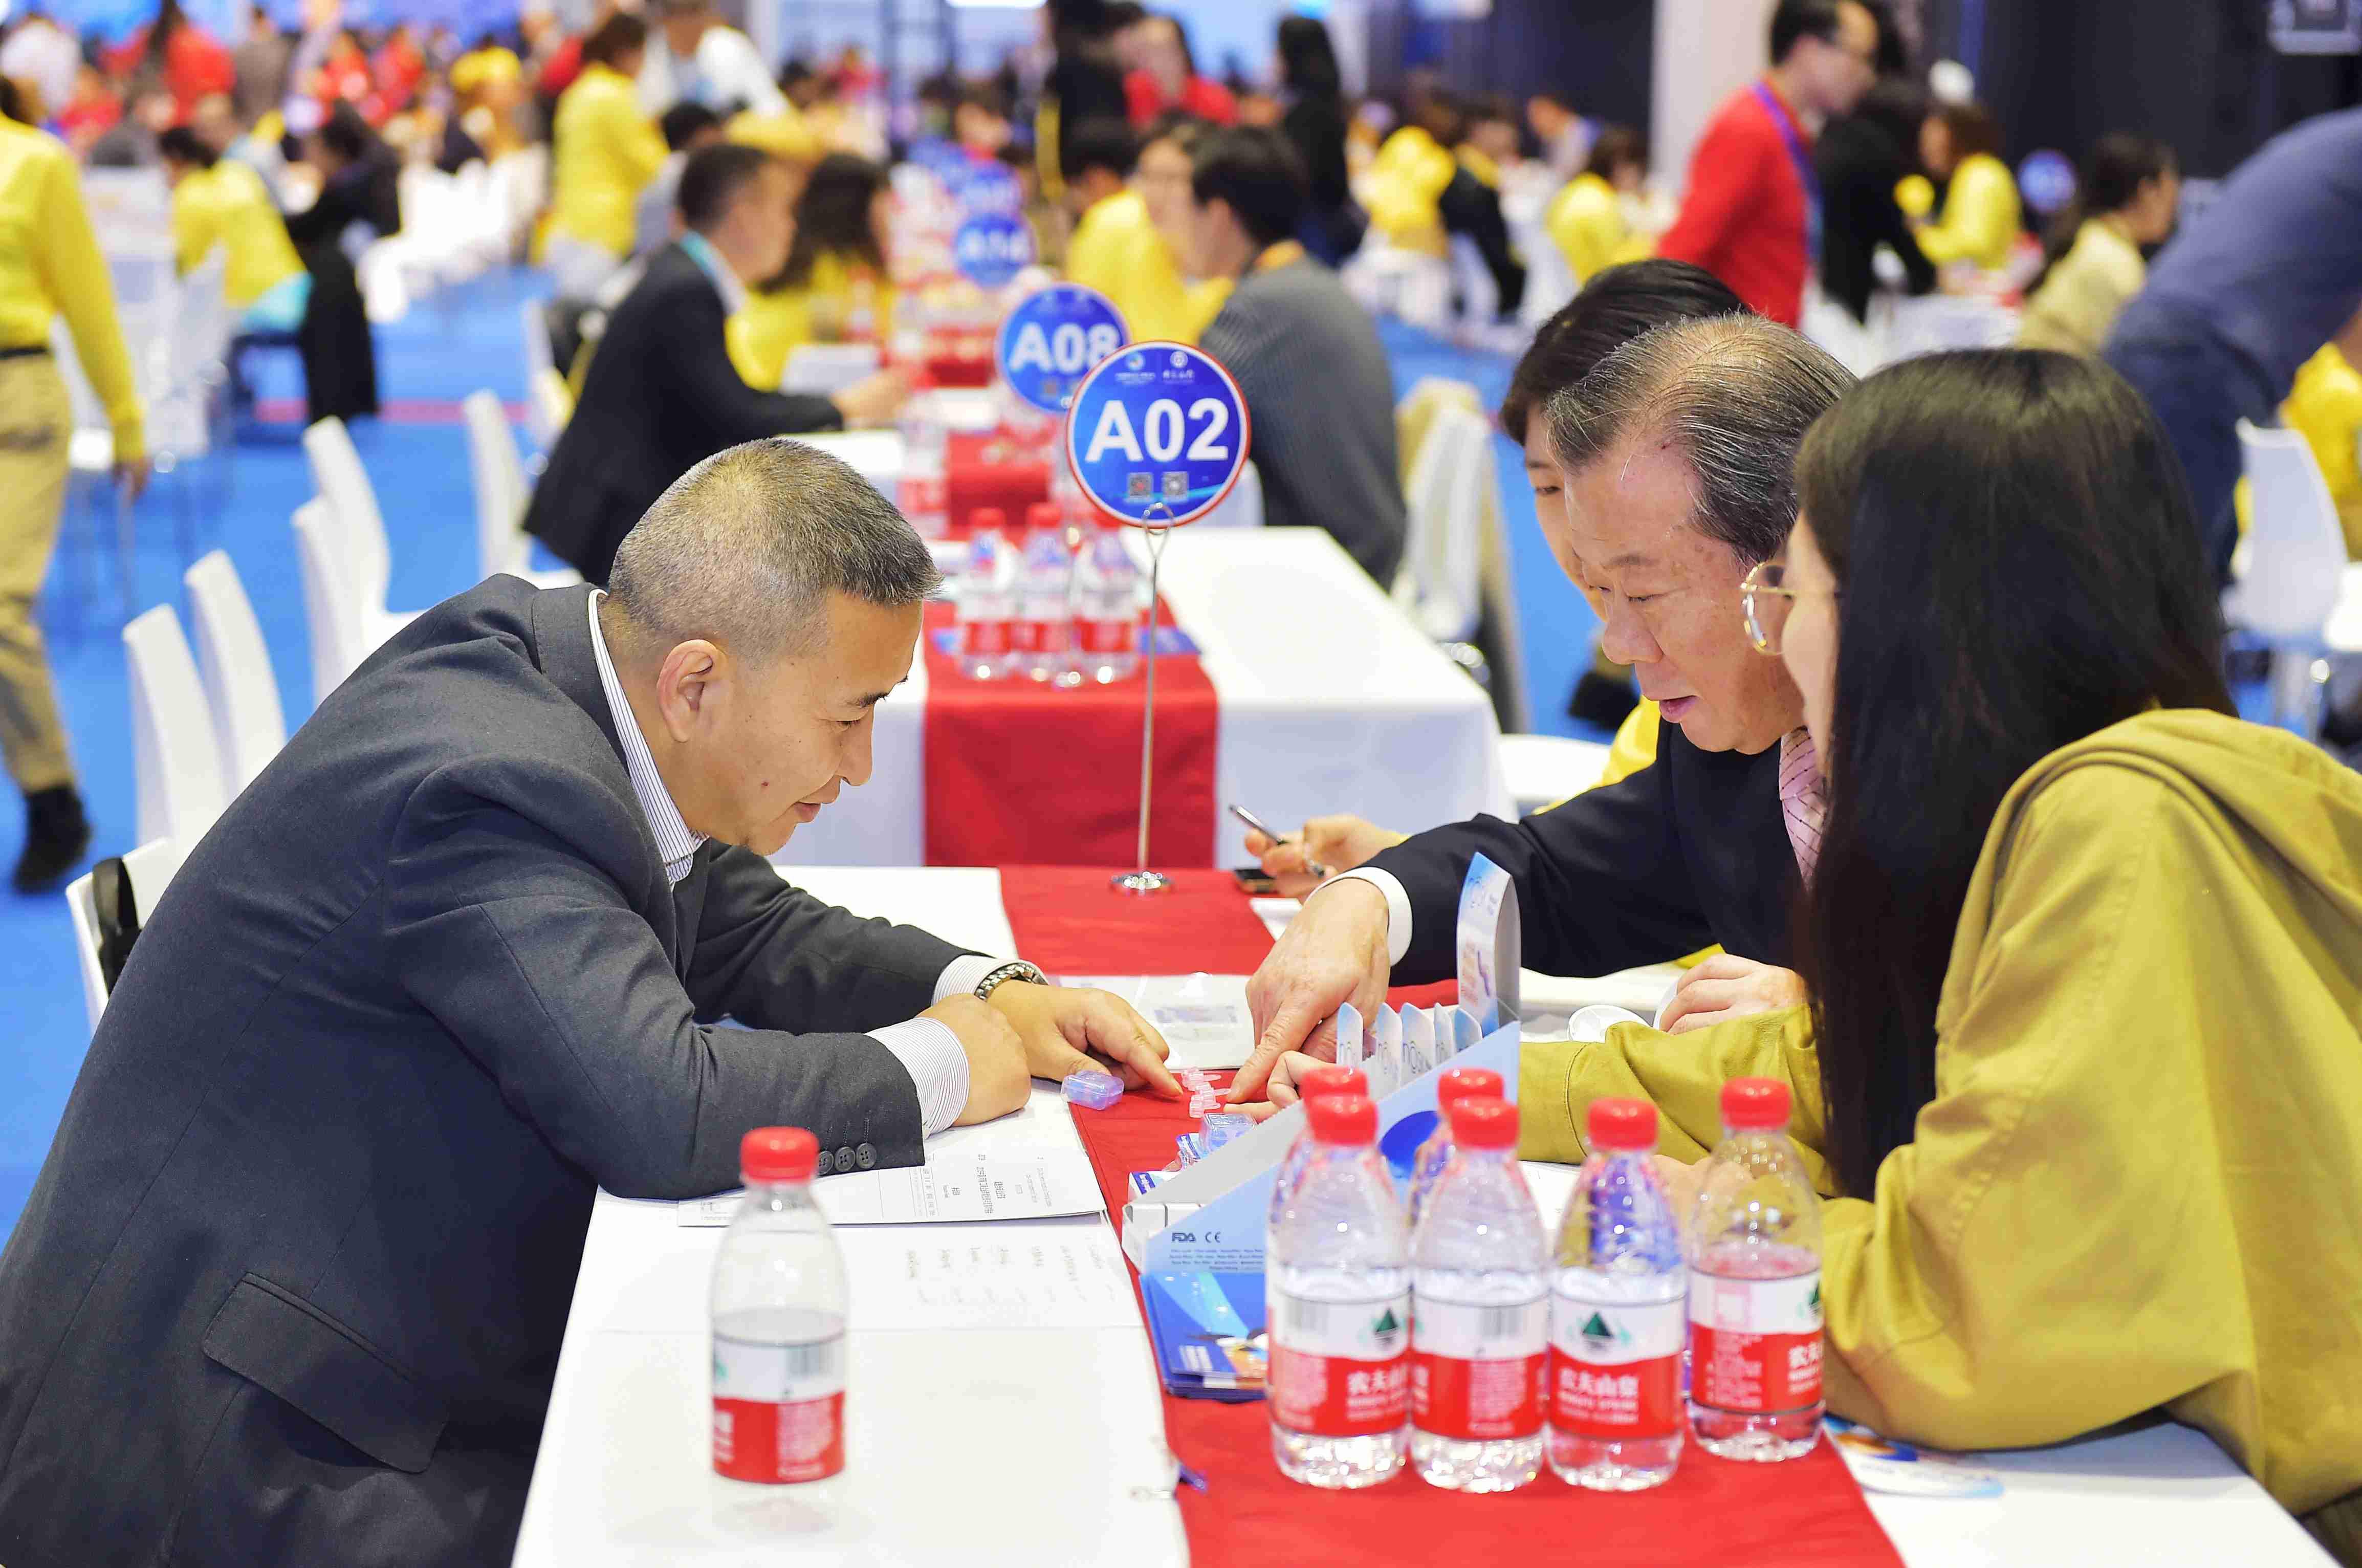 5  ZKS_2437贵州金玖生物技术有限公司董事长韩克兵与韩国客商洽谈,了解产品。当代贵州融媒体记者 张凯 摄.JPG